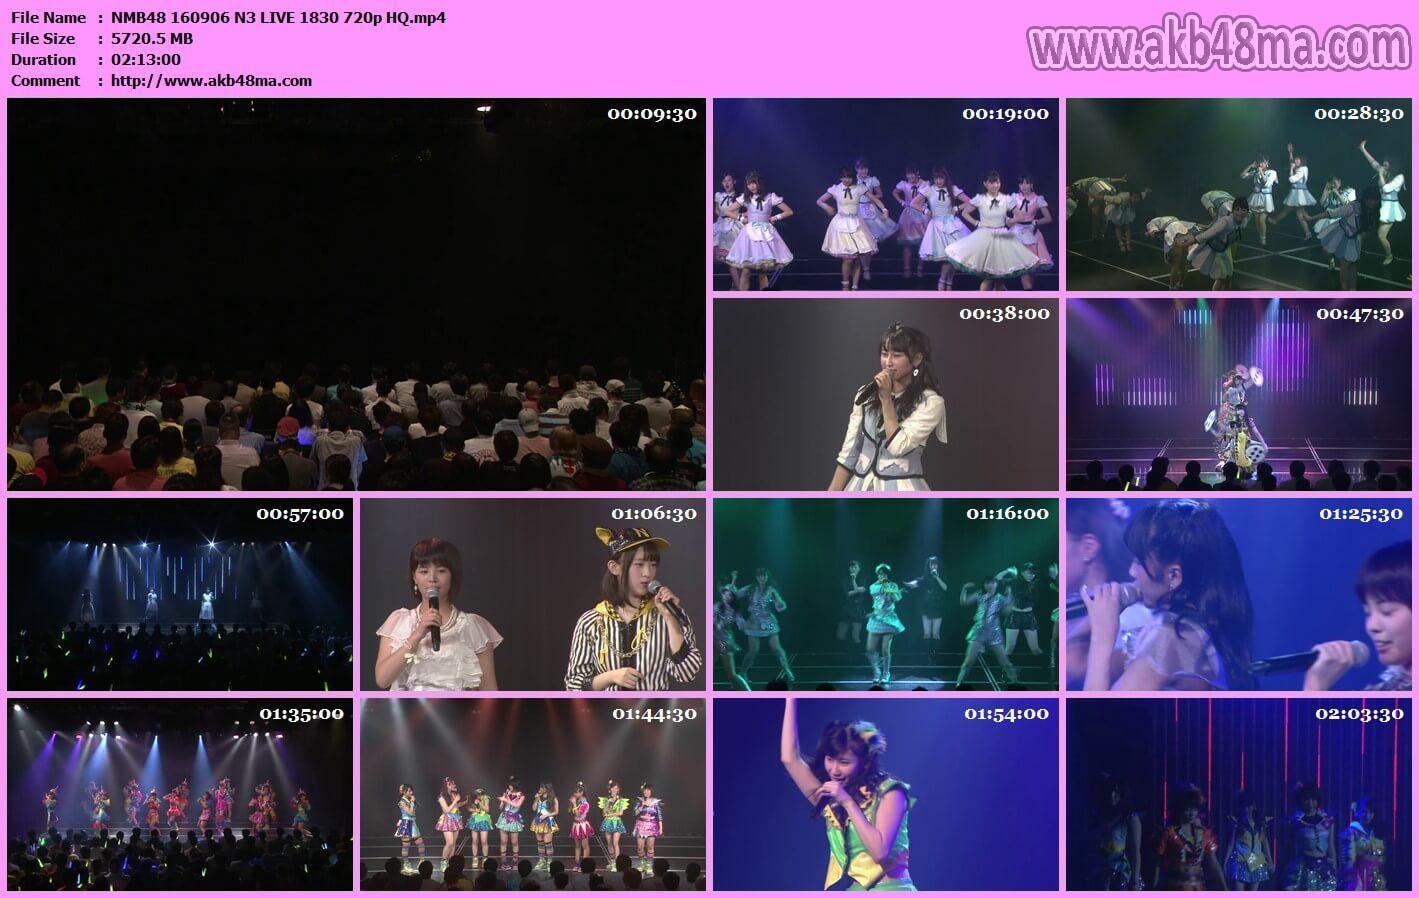 公演配信160906 SKE48 NMB48コレクション公演   160906 NMB48 チームNここにだって天使はいる公演 ALFAFILENMB48a16090601.Live.part1.rarNMB48a16090601.Live.part2.rarNMB48a16090601.Live.part3.rarNMB48a16090601.Live.part4.rarNMB48a16090601.Live.part5.rarNMB48a16090601.Live.part6.rar ALFAFILE 160906 SKE48 チームK0start公演 高木由麻奈 生誕祭…